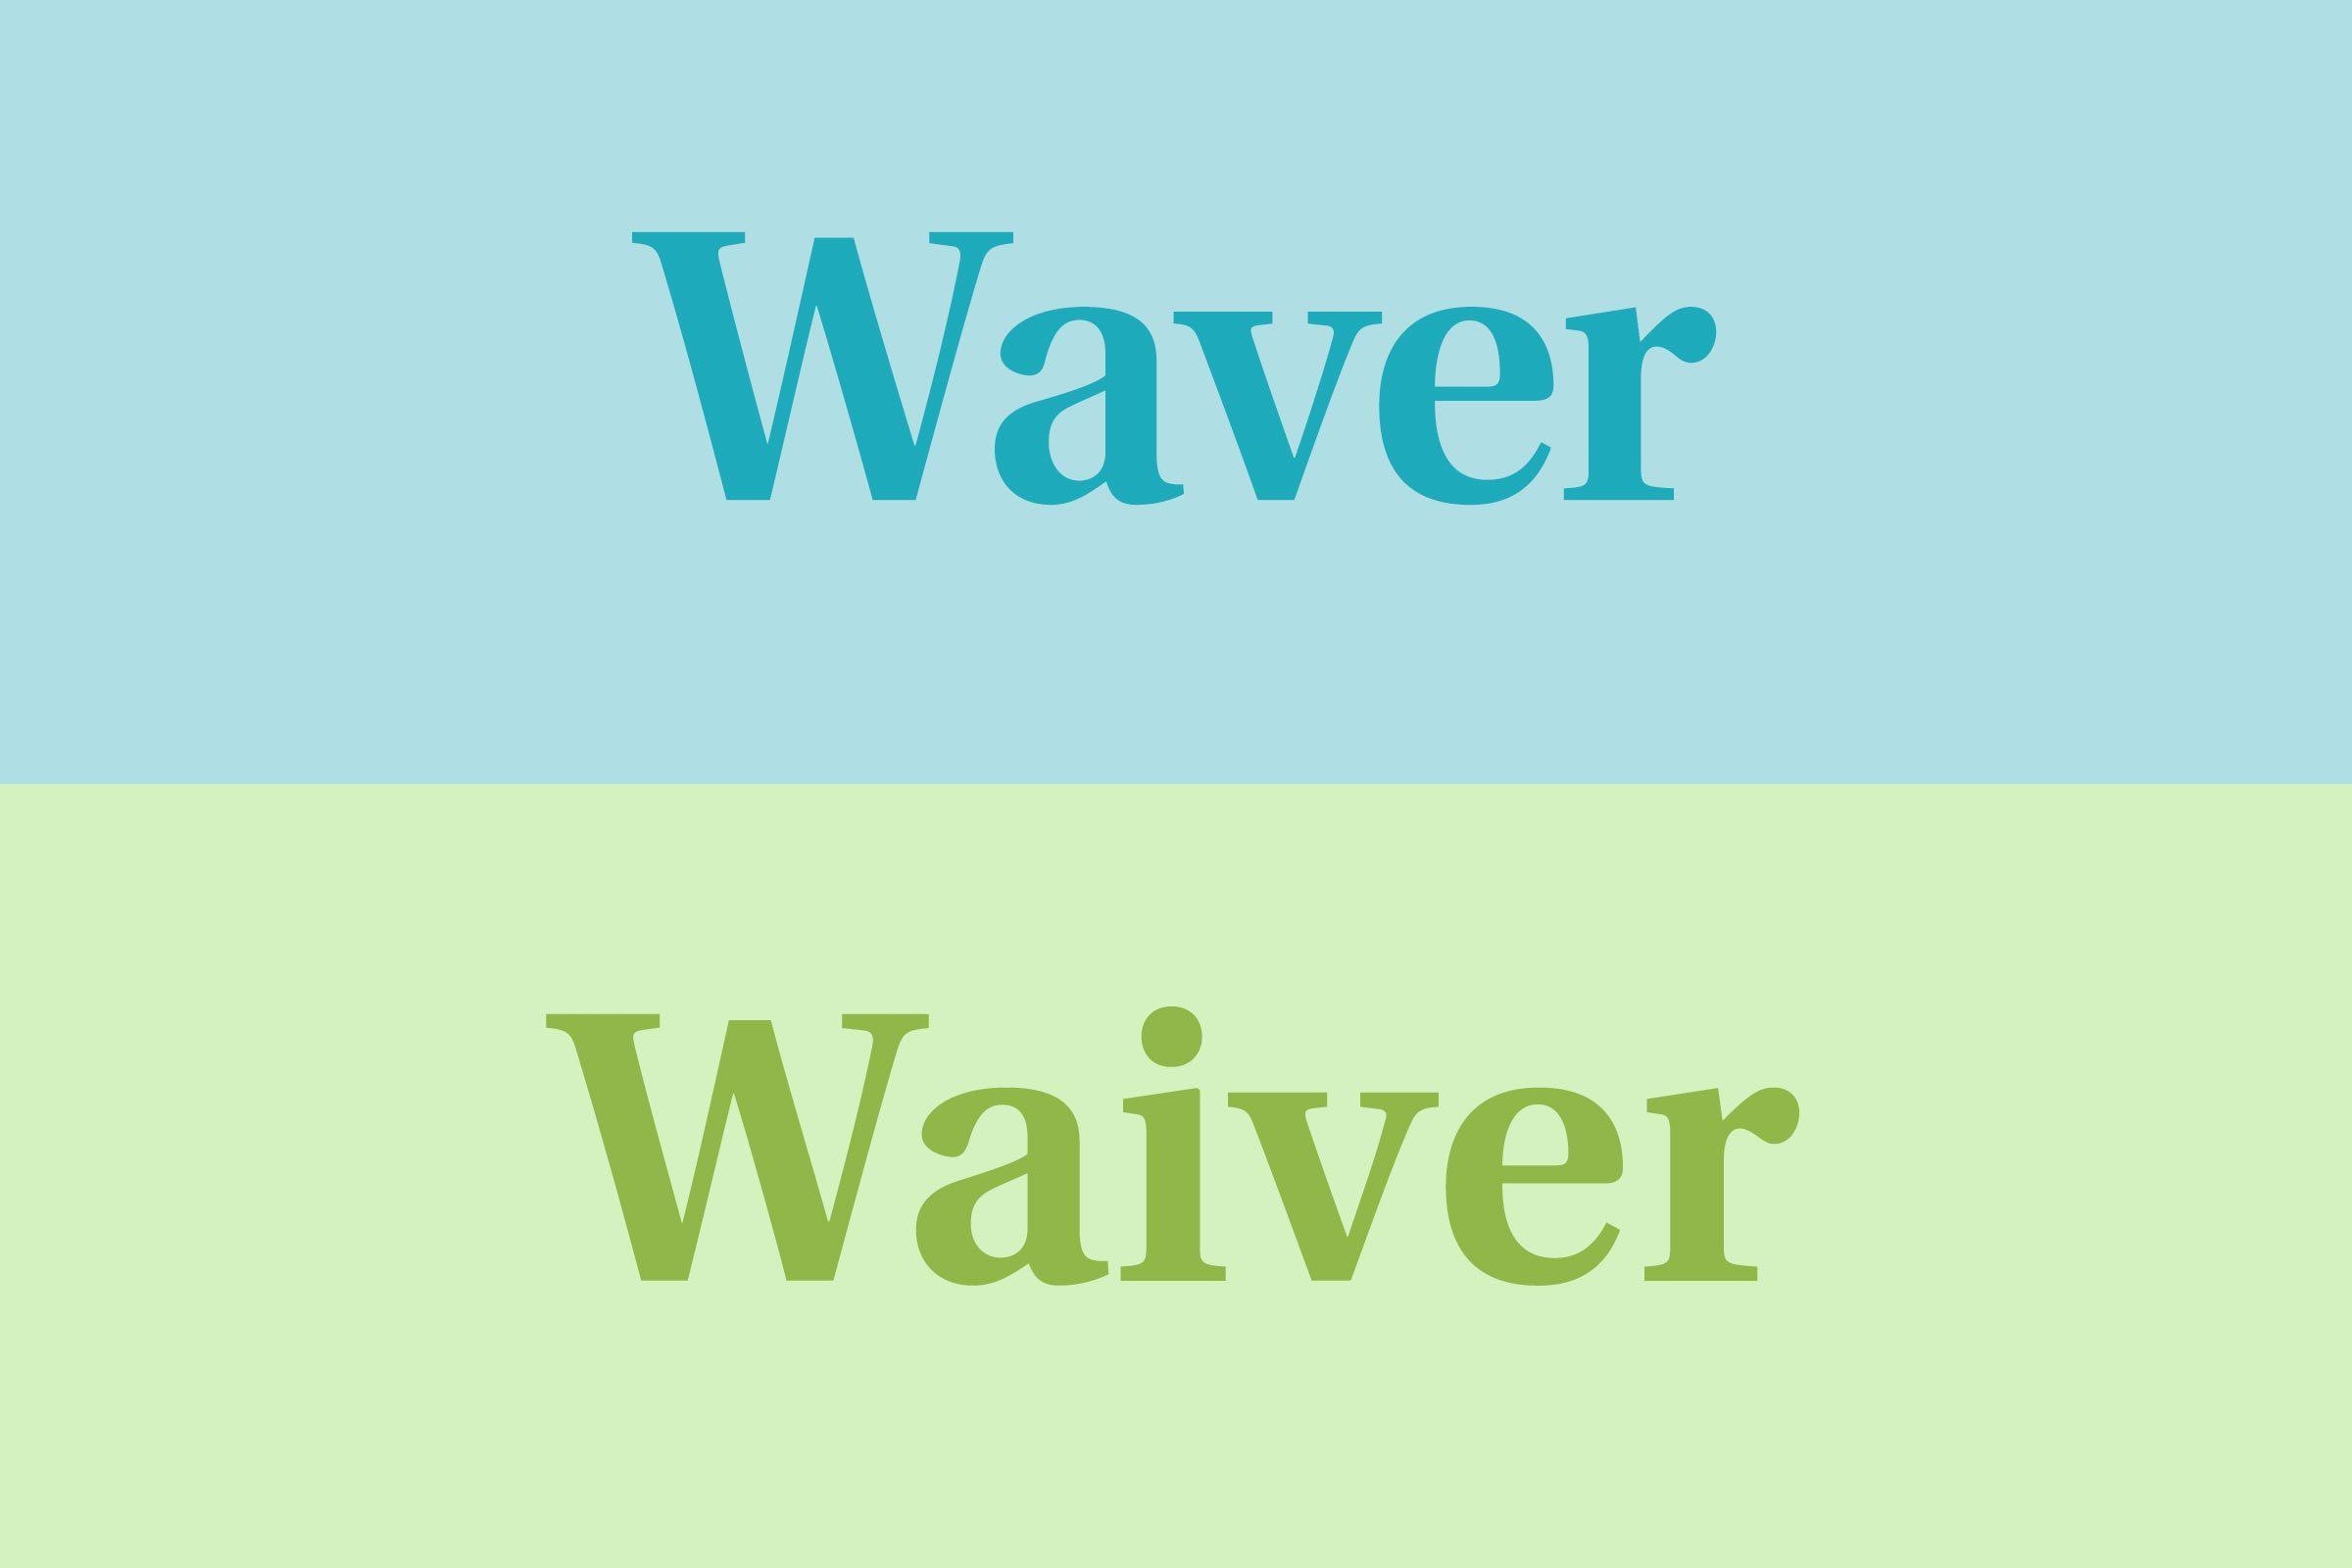 waver vs waiver